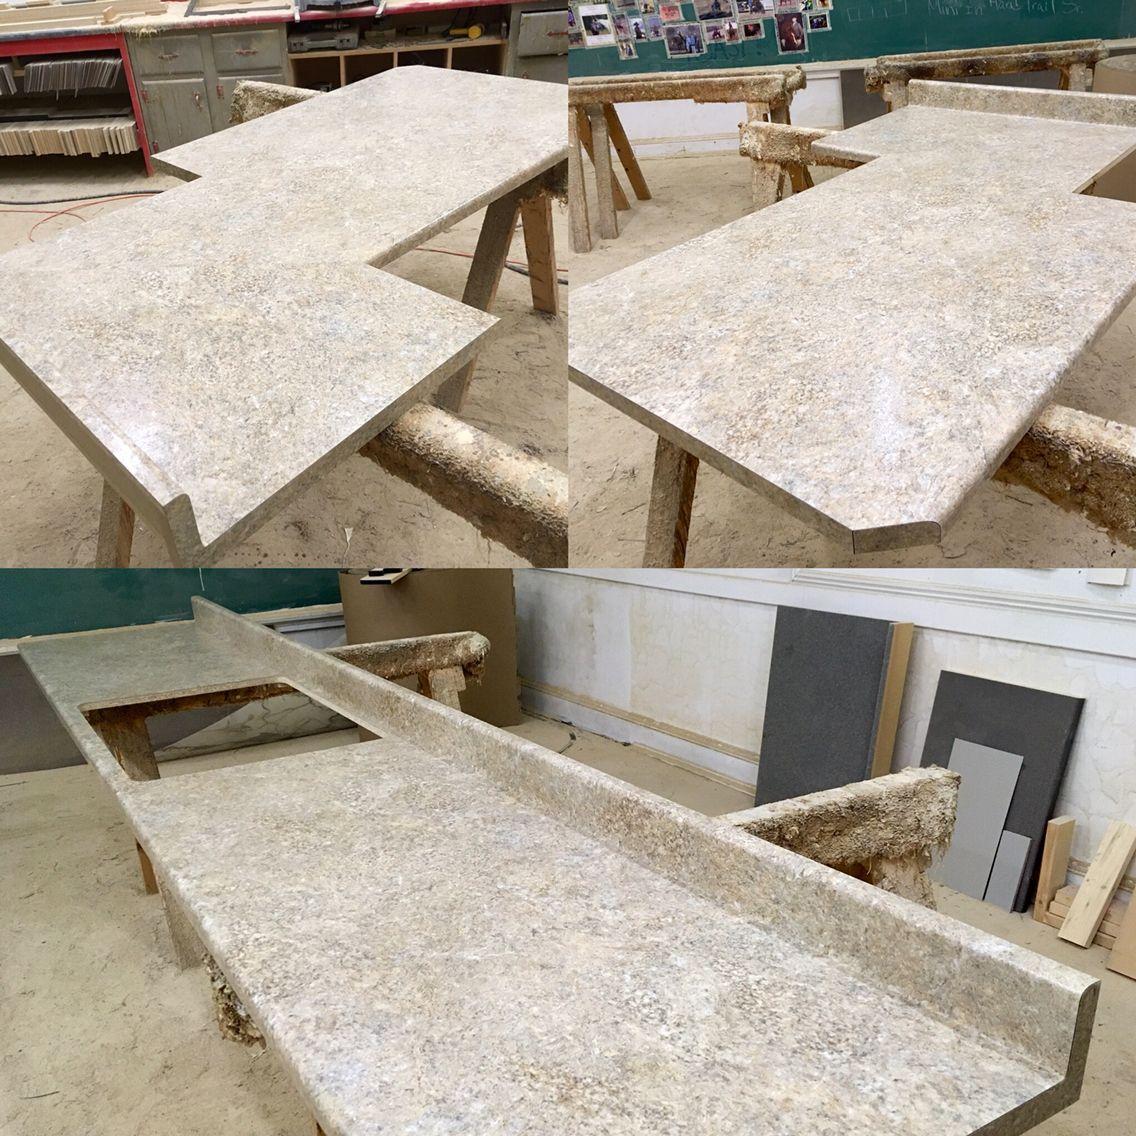 Chrystalline Shell Hd Mirage Finish Waterfall Profile Laminate Countertops Laminate Countertops Countertops Bathroom Countertops